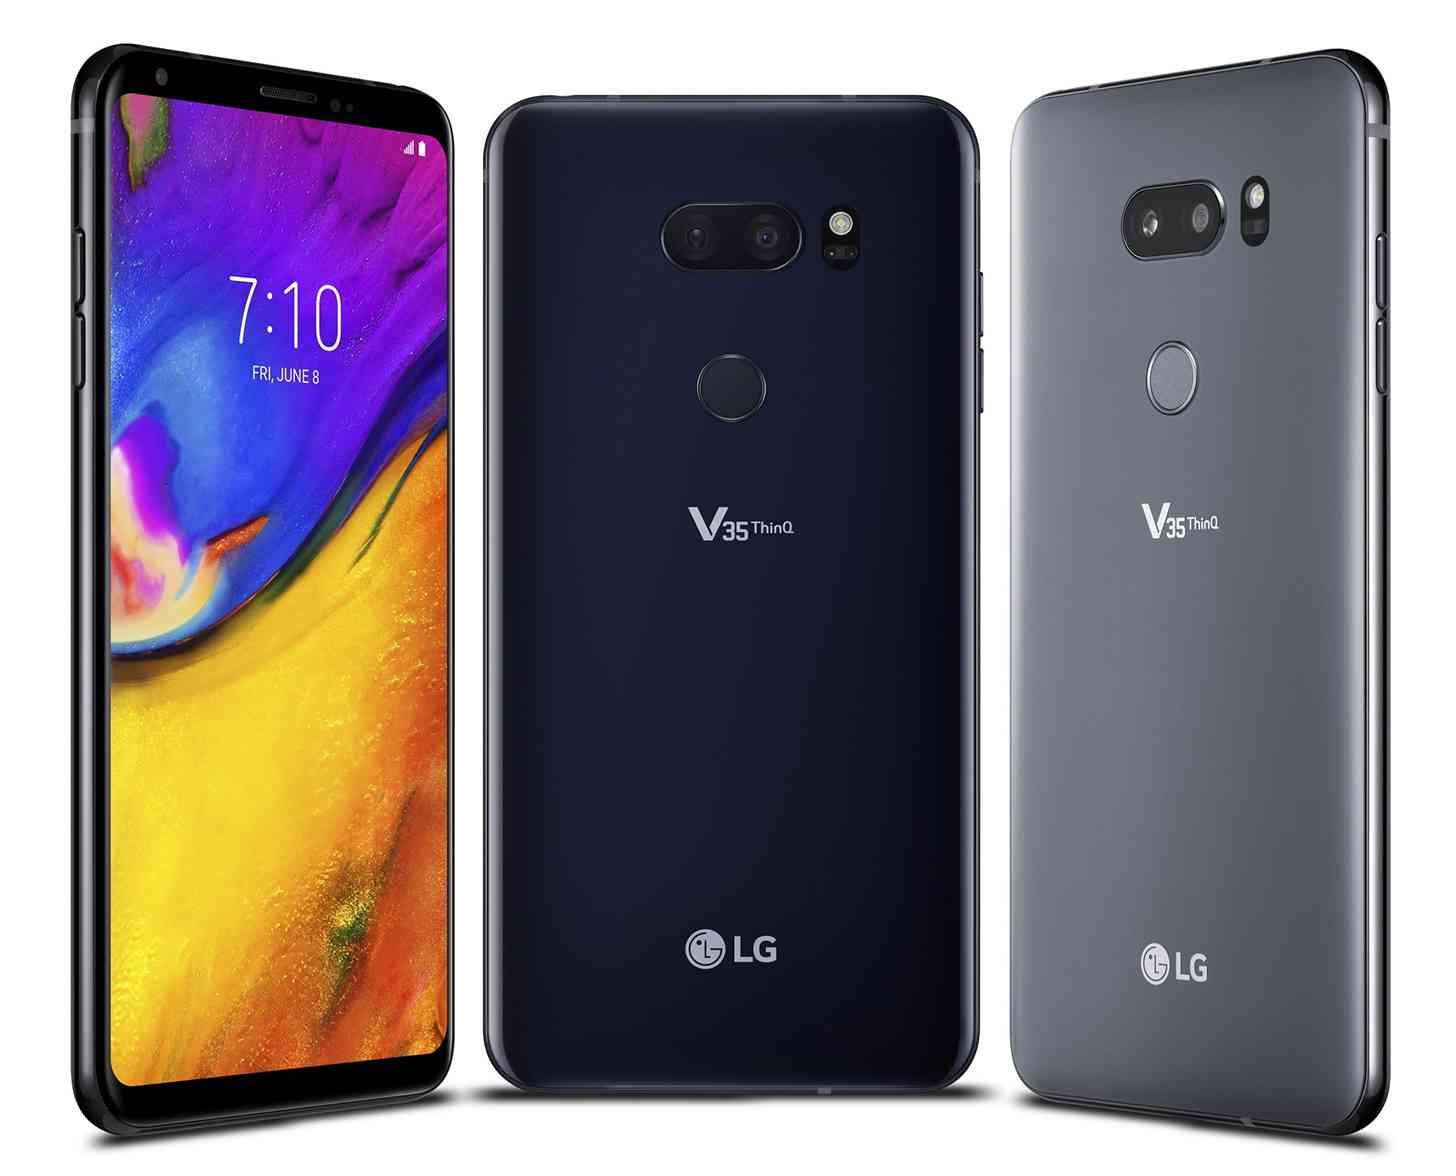 LG V35 ThinQ colors